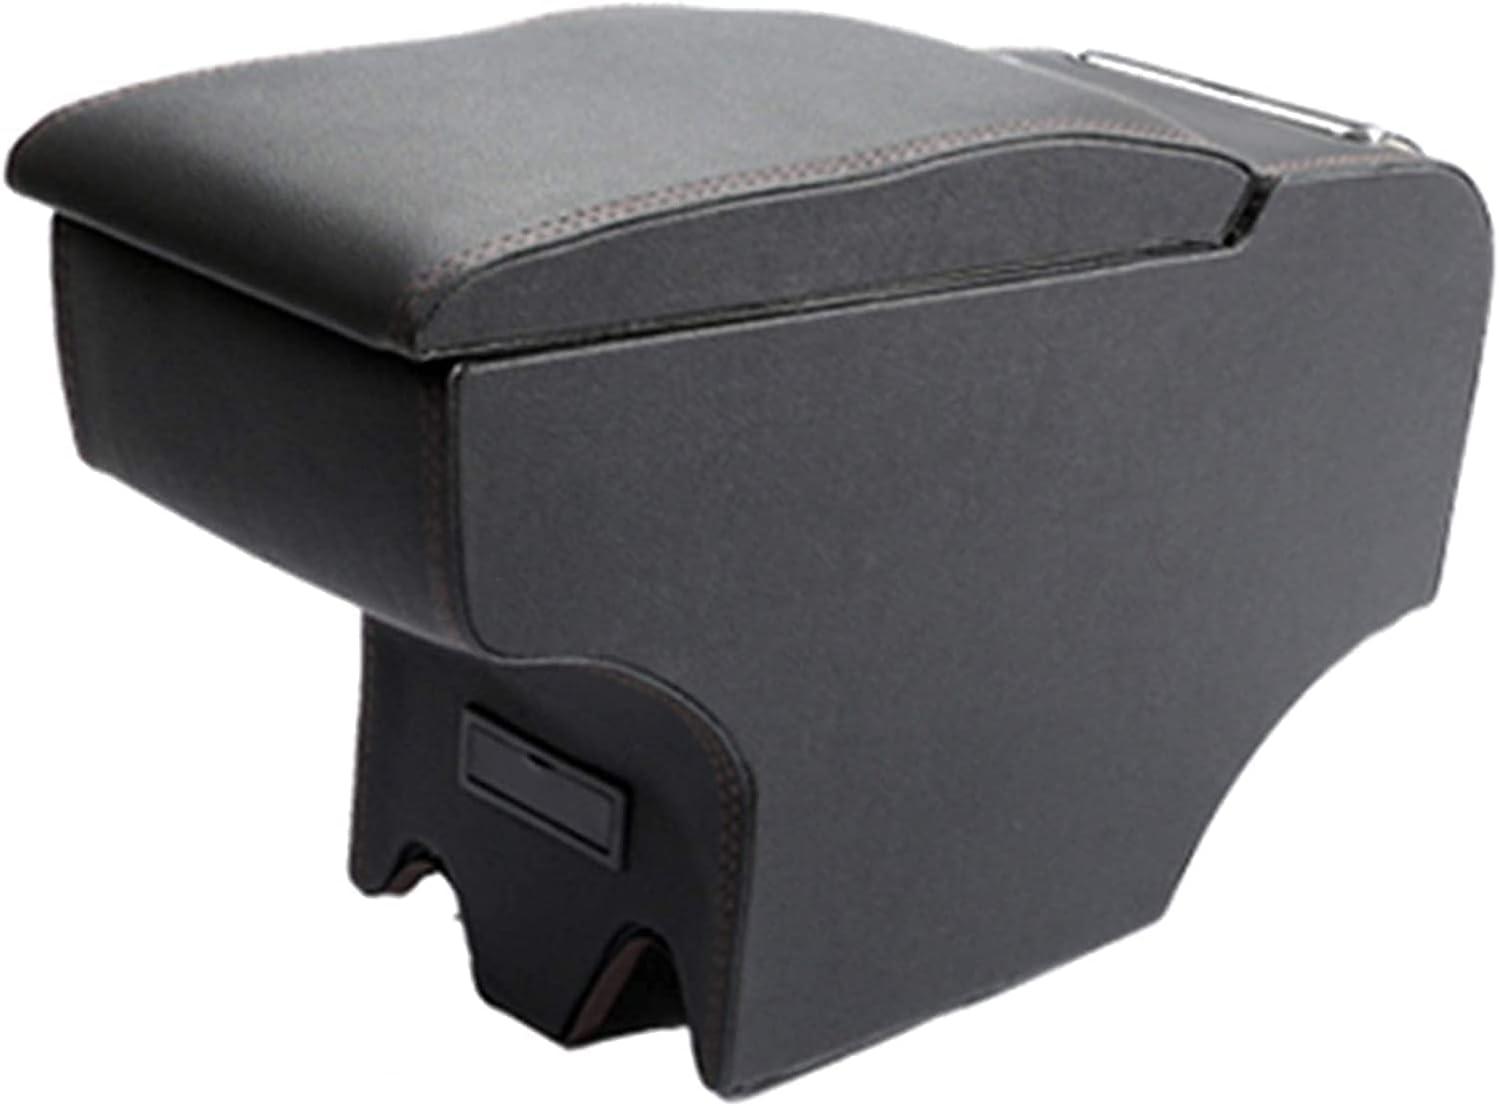 Coche Apoyabrazos Caja Reposabrazos Central para Mini Cooper One S JCW Clubman R55 R56 R60 F55 F56, Almacenamiento Reposabrazos Interior Accesorios